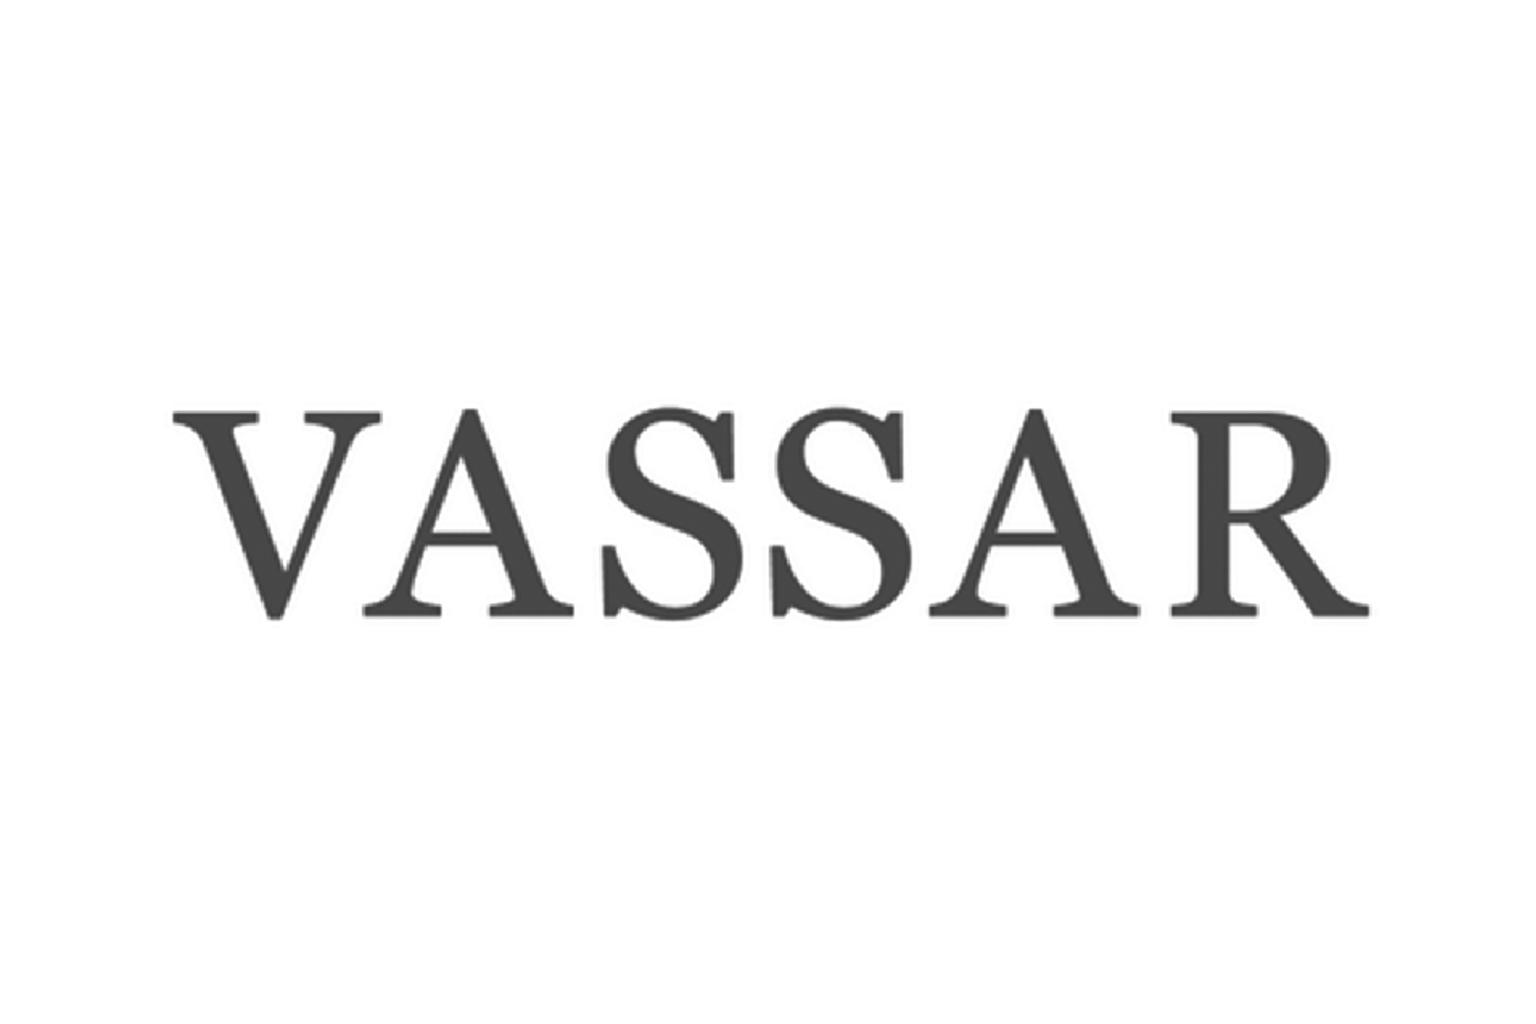 vassar-college-logo.png